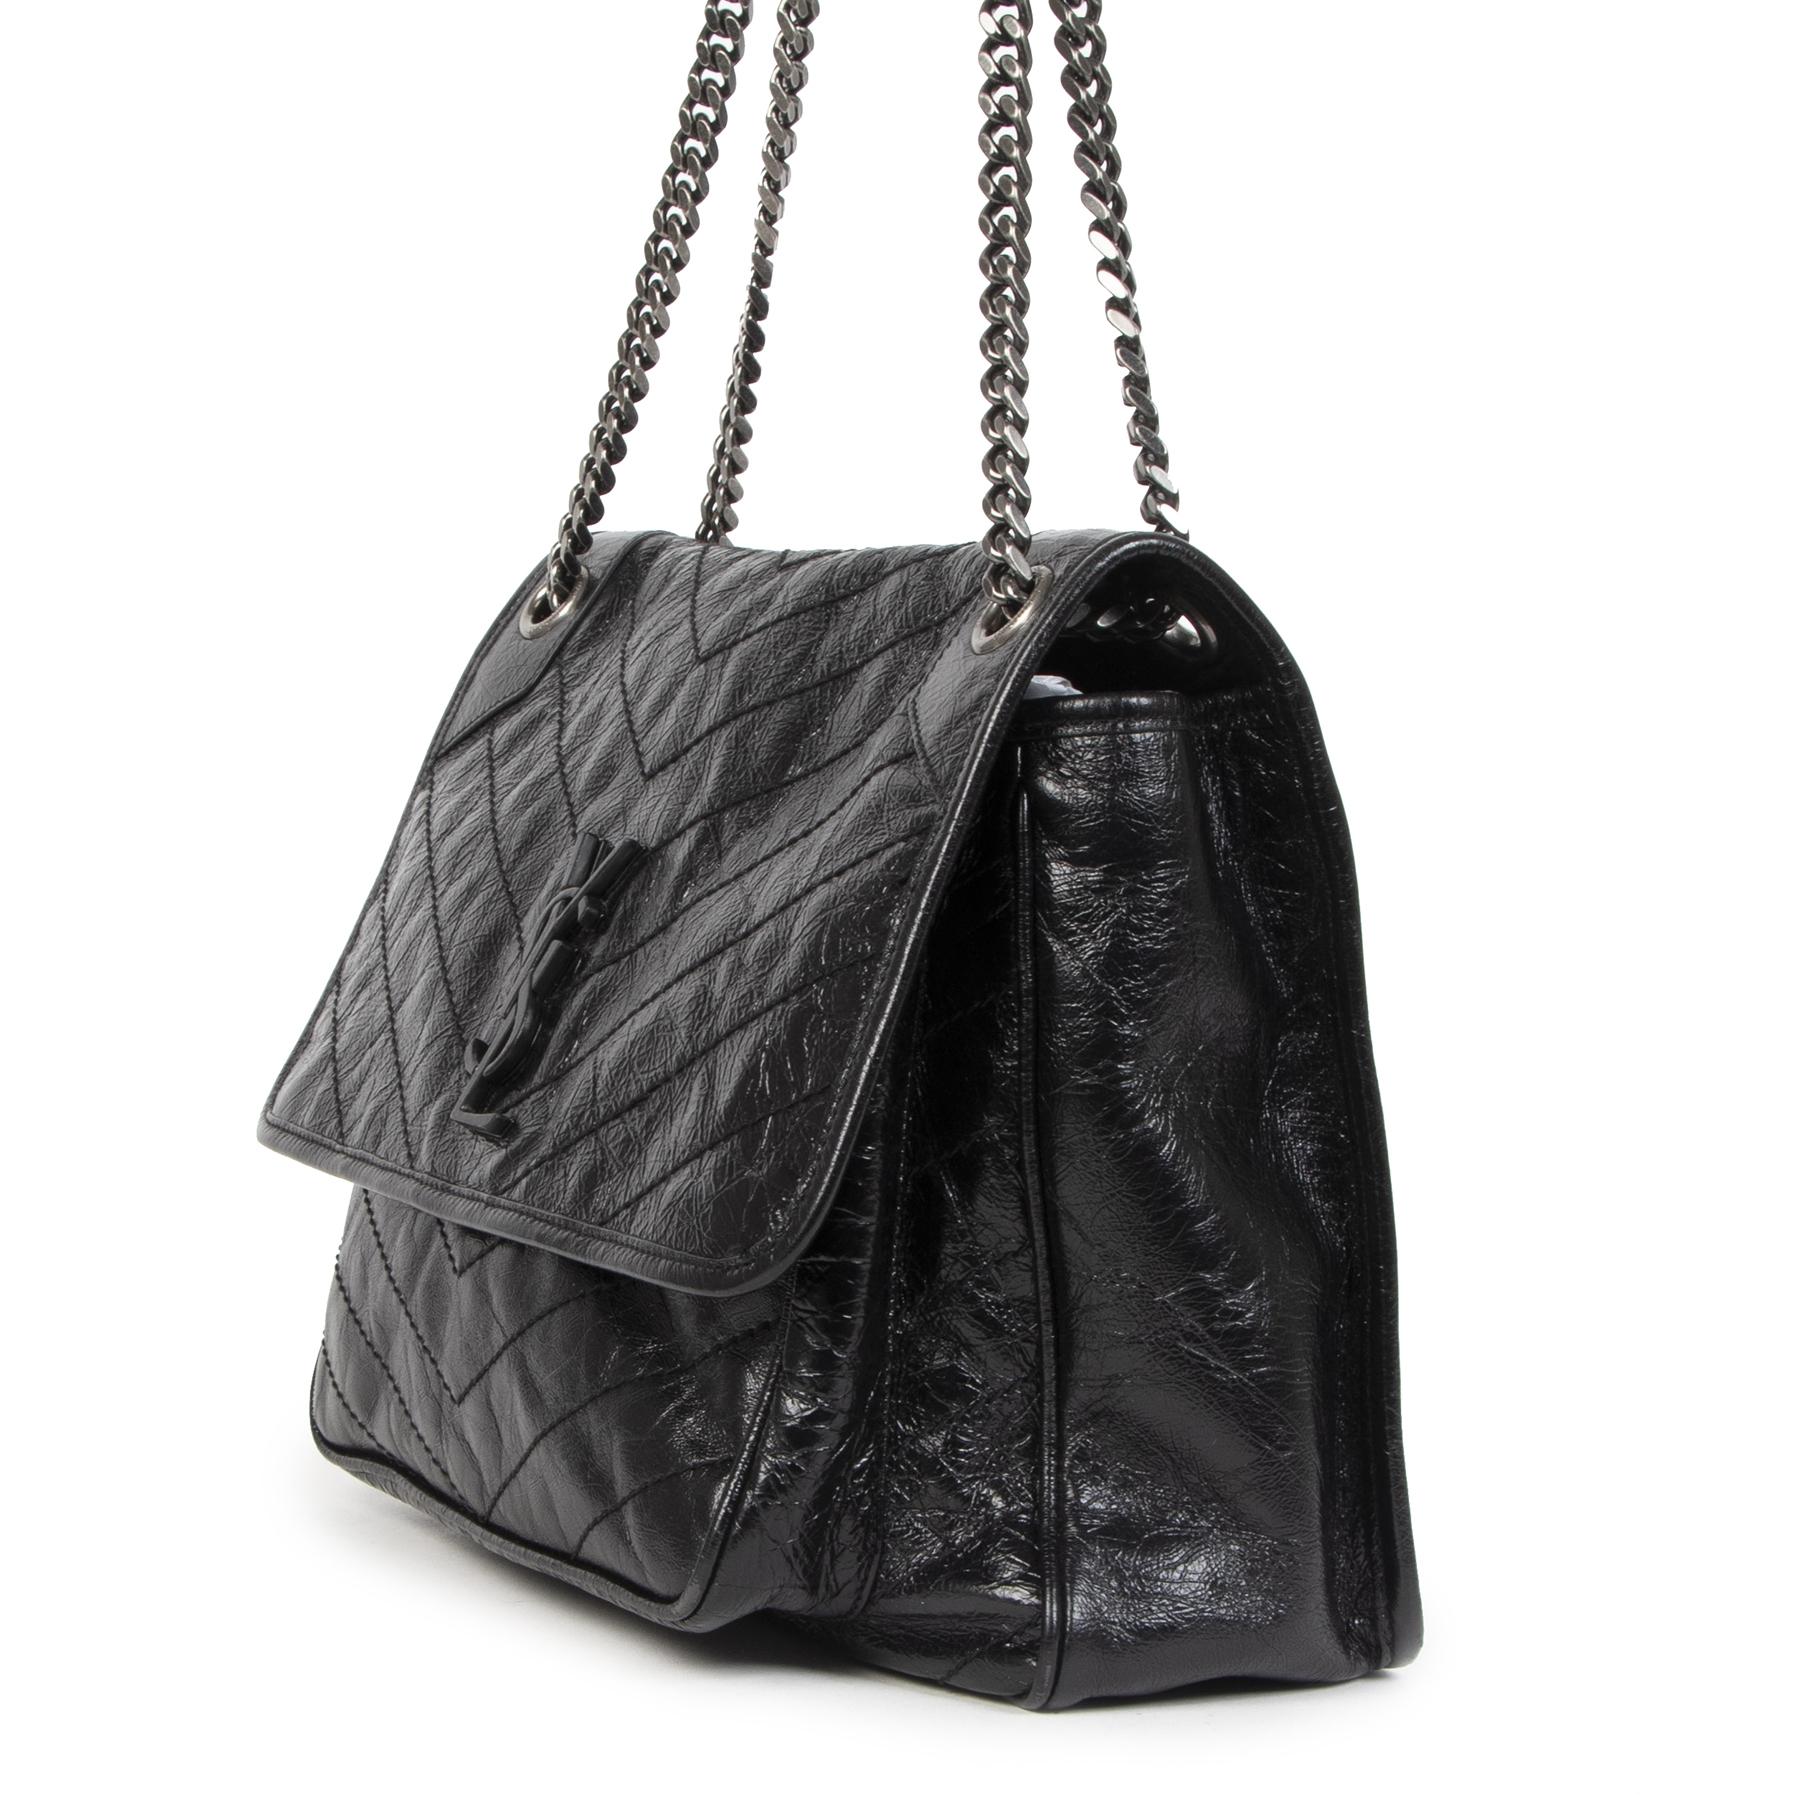 Authentieke Tweedehands Saint Laurent Large Niki Black Calfskin Leather Shoulder Bag juiste prijs veilig online shoppen luxe merken webshop winkelen Antwerpen België mode fashion